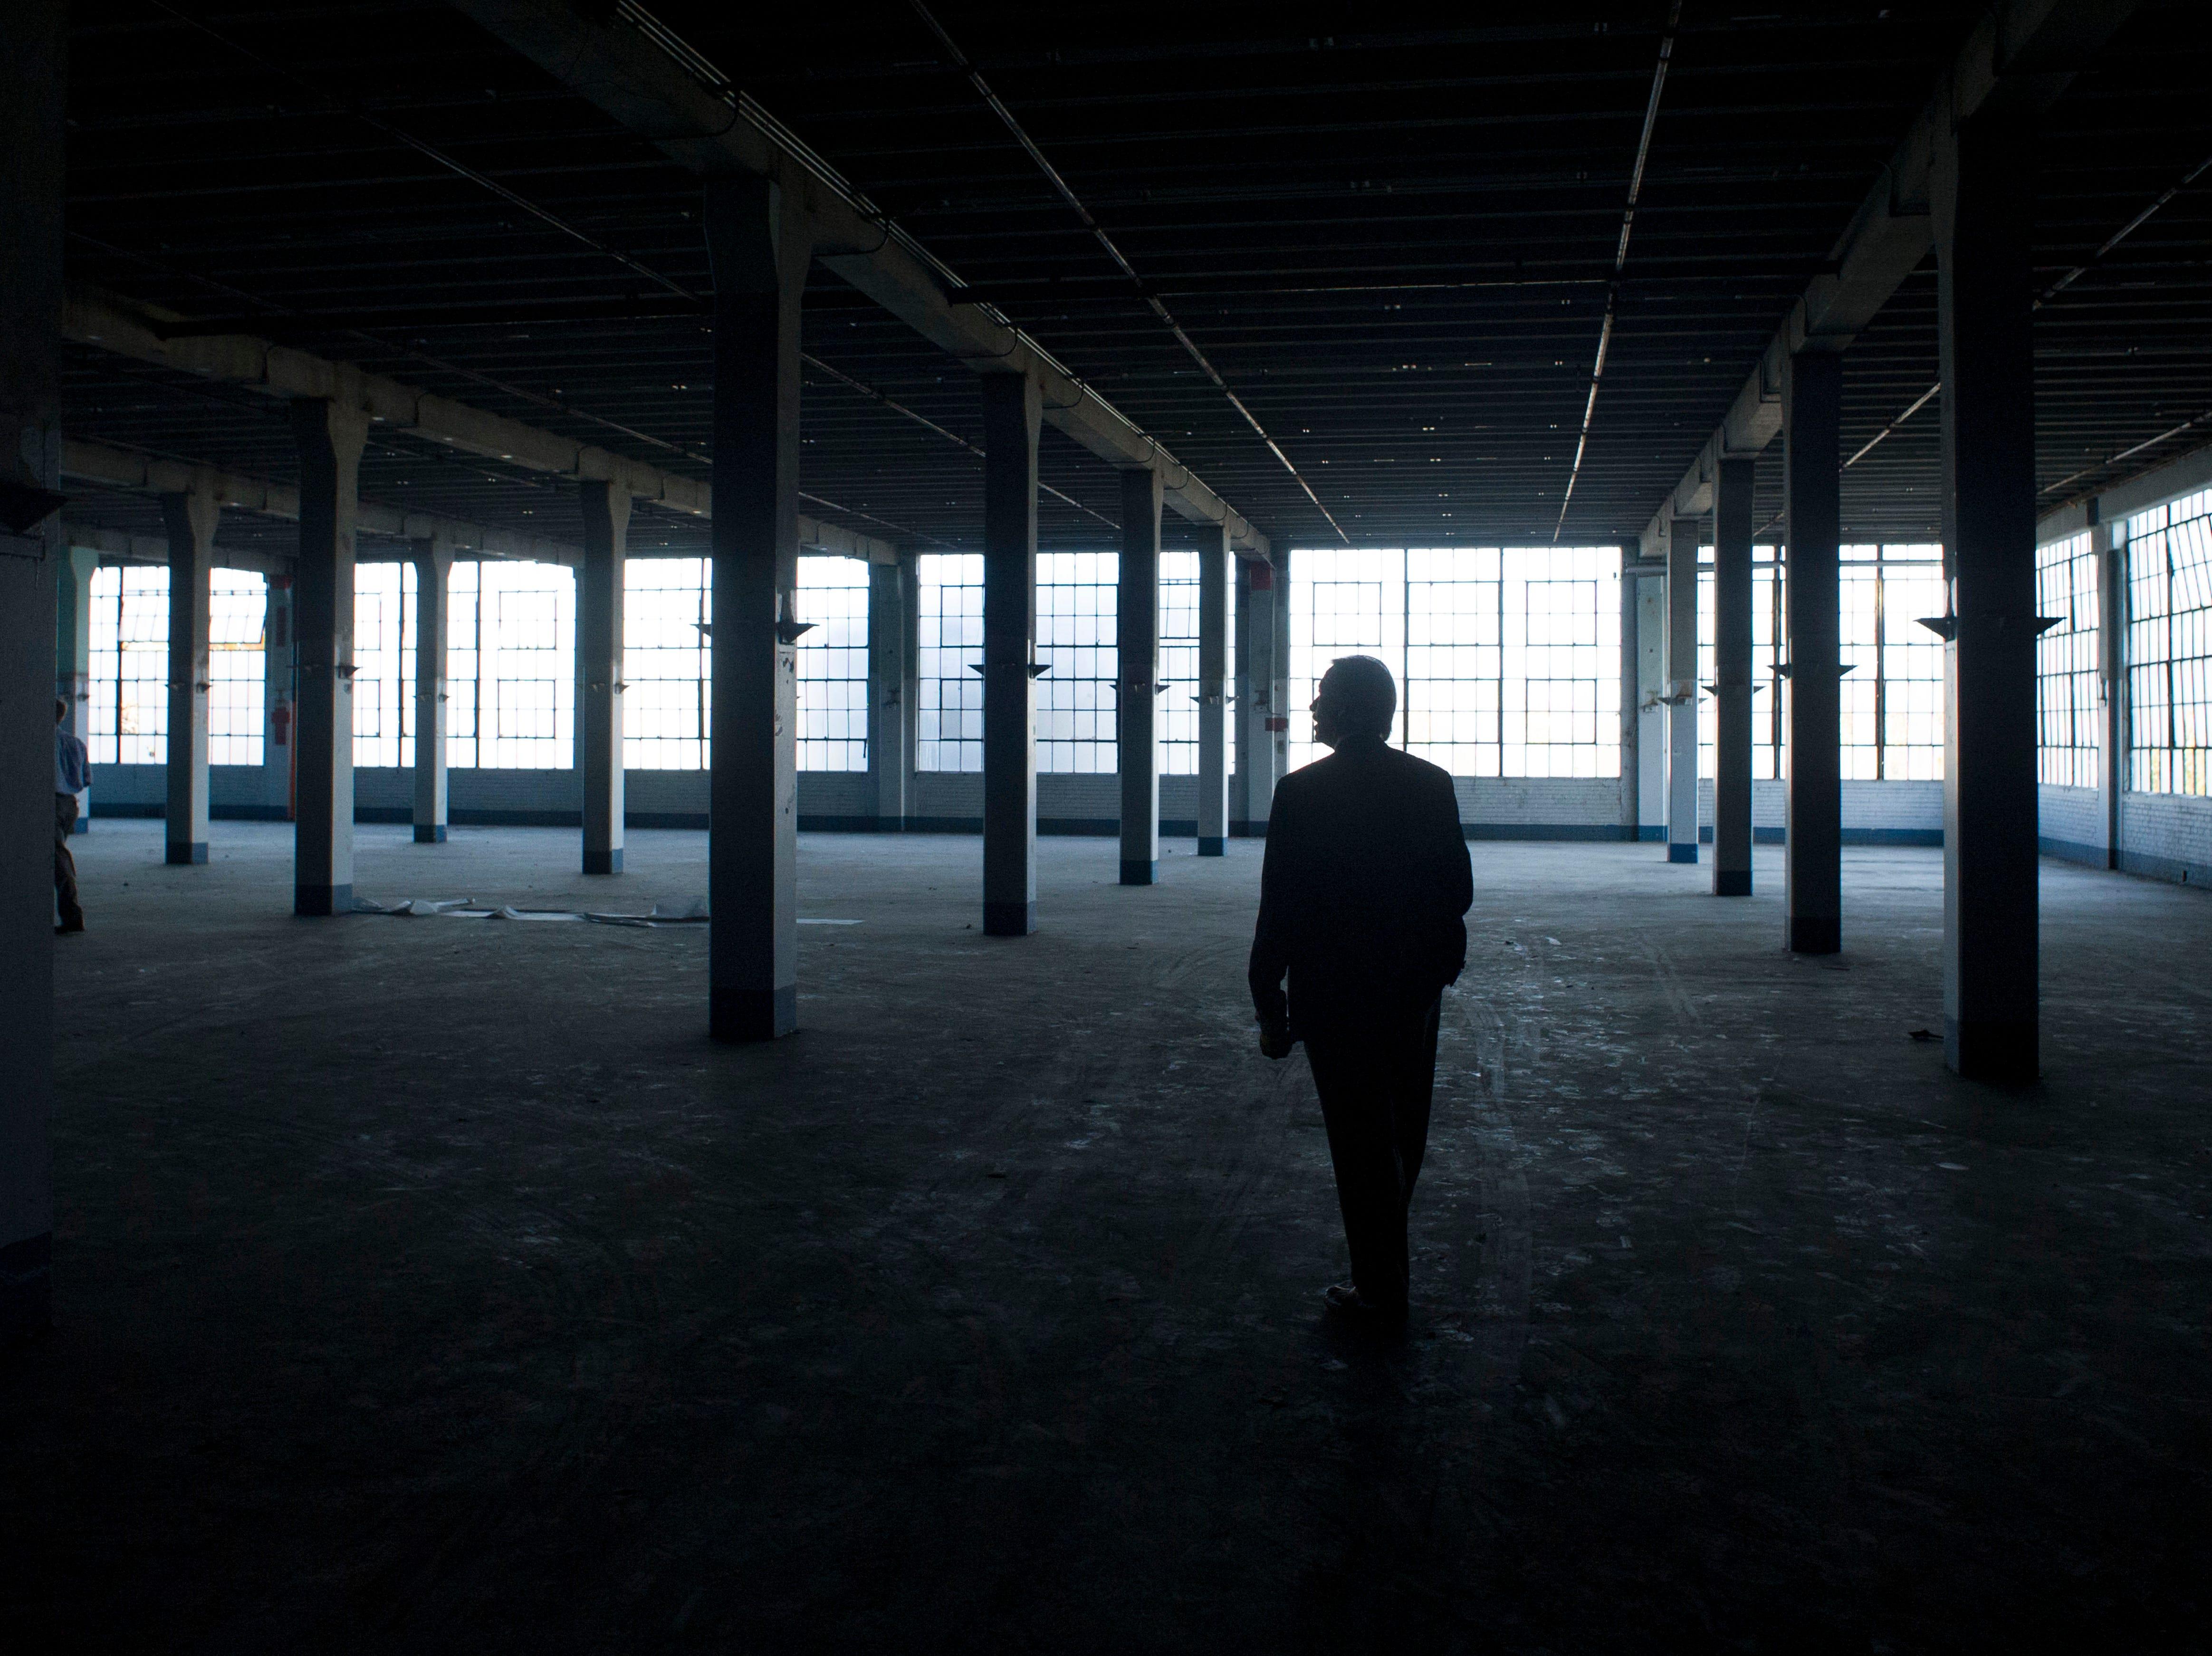 Commercial real estate broker Jim Simpson tours the Standard Knitting Mill building on Thursday, November 15, 2012.